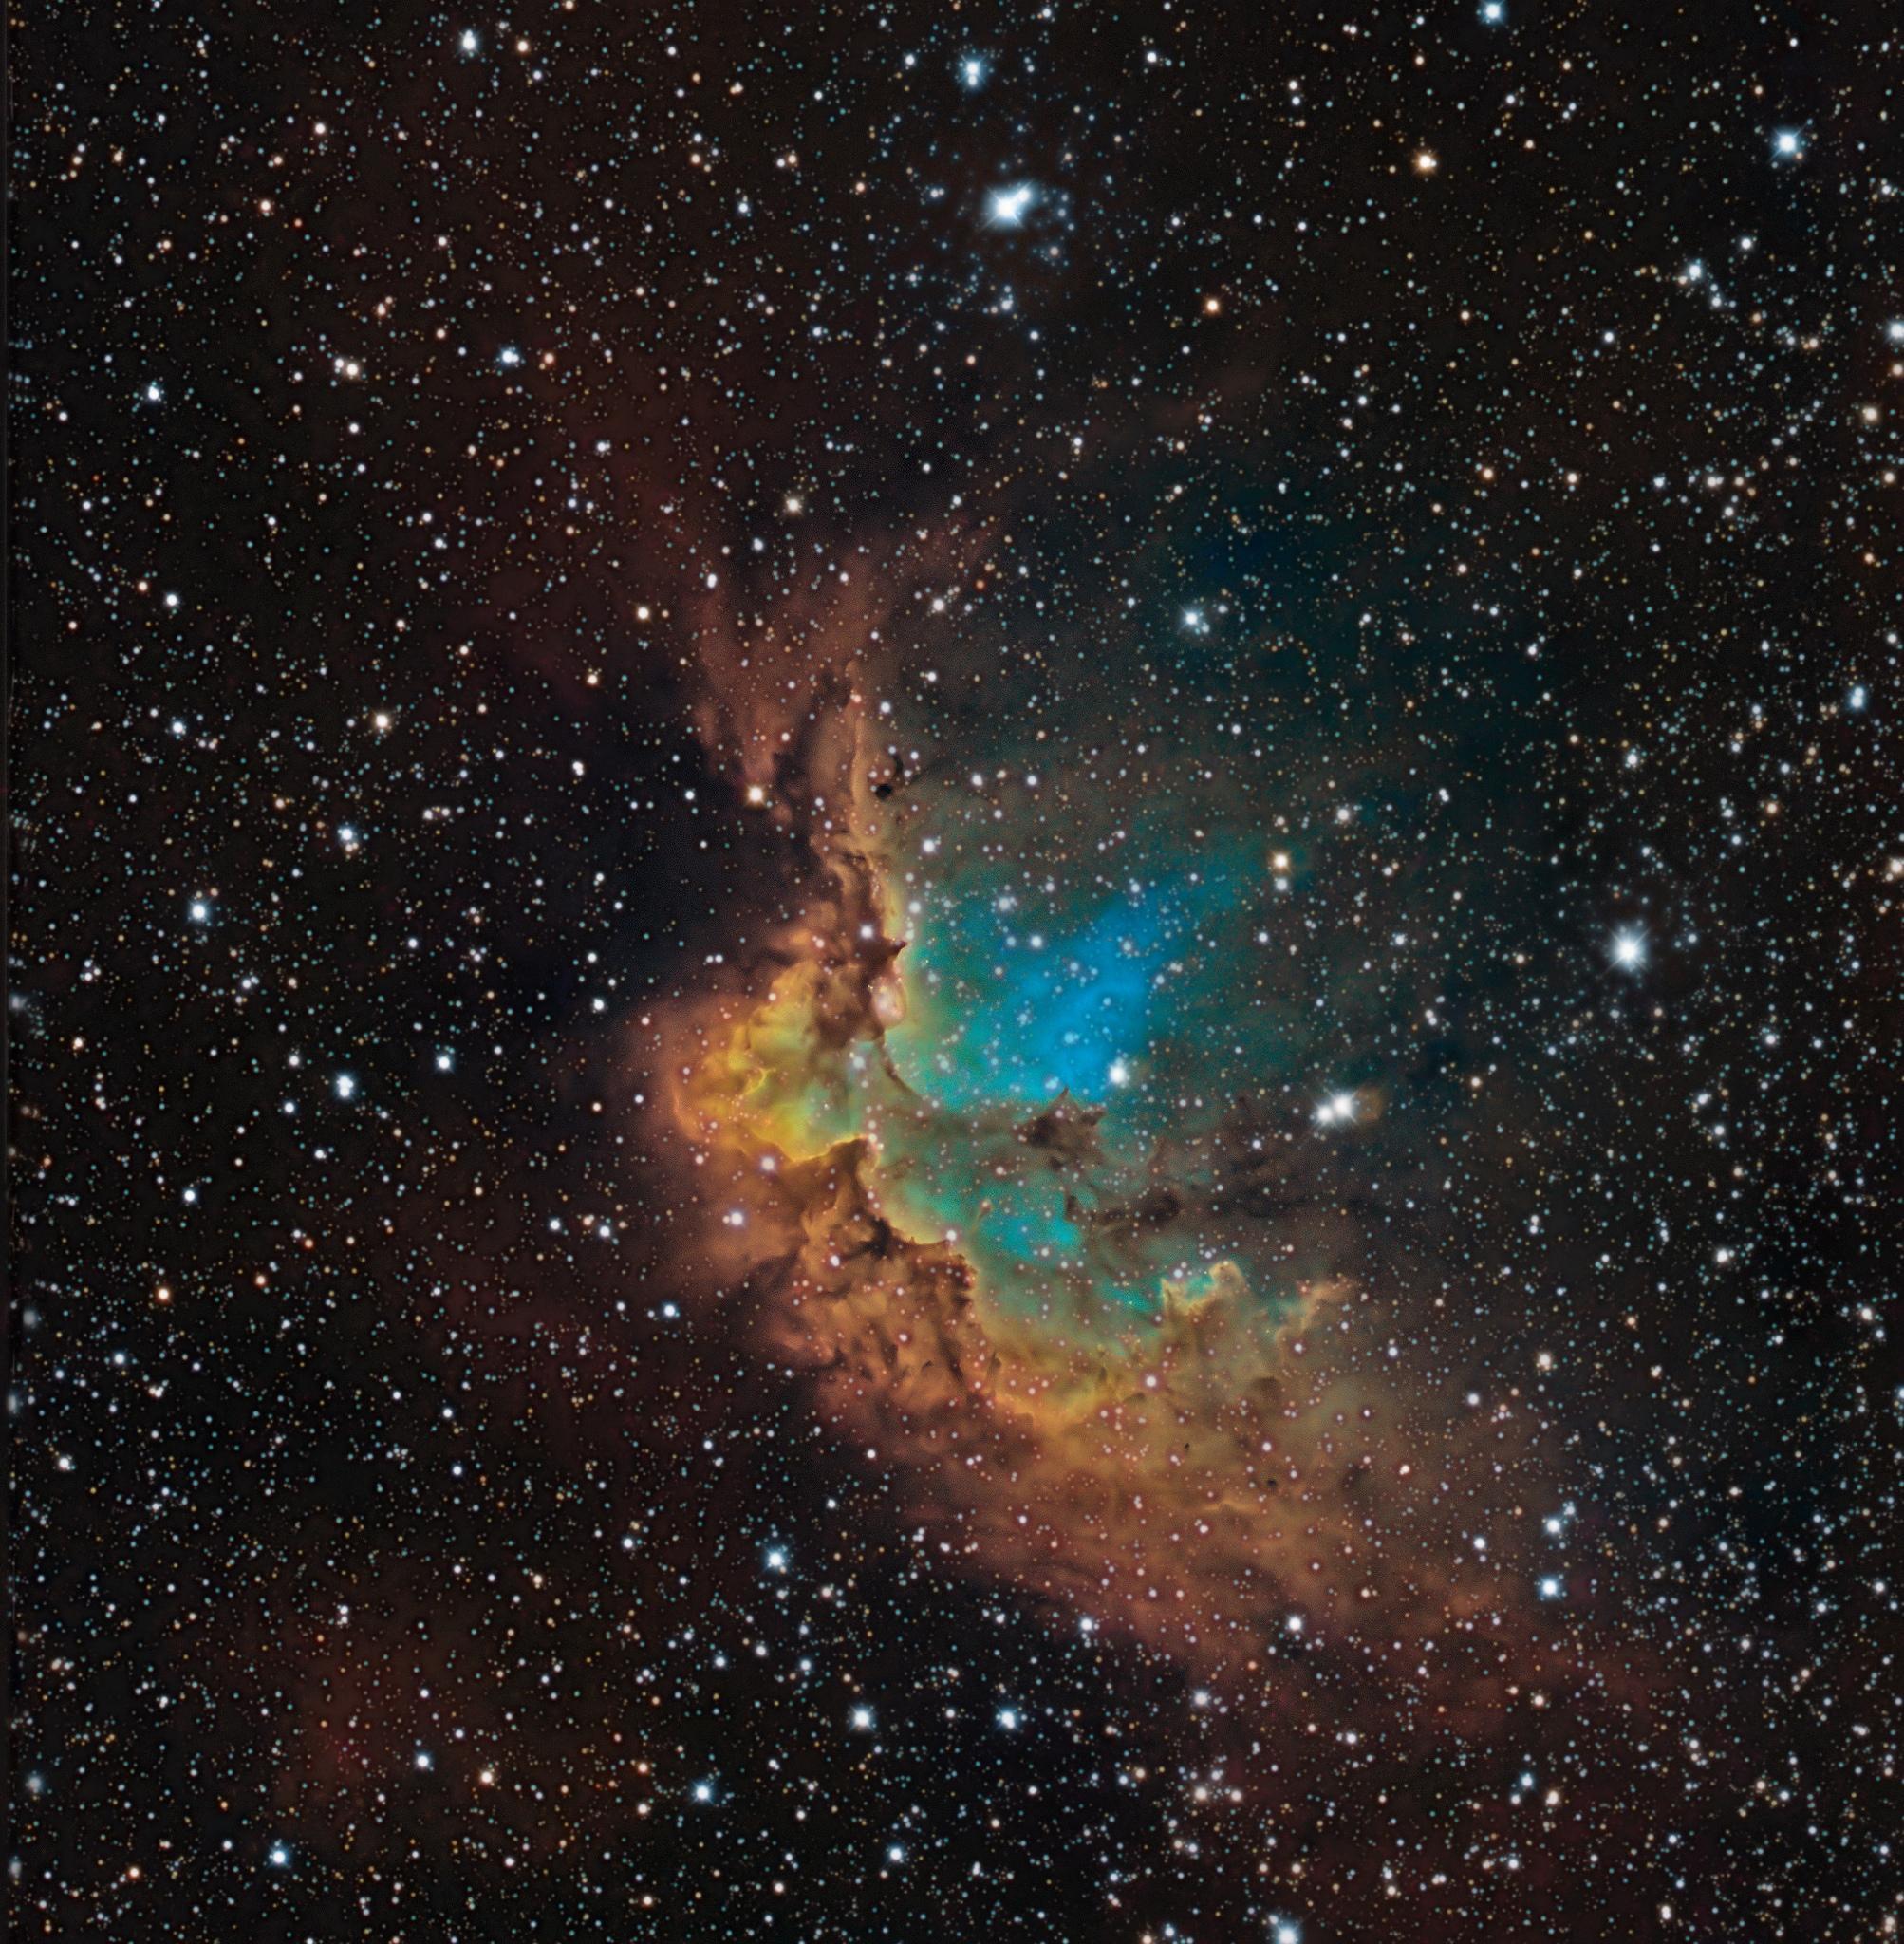 Активное образование звезд в галактике Млечный Путь (2 фото)